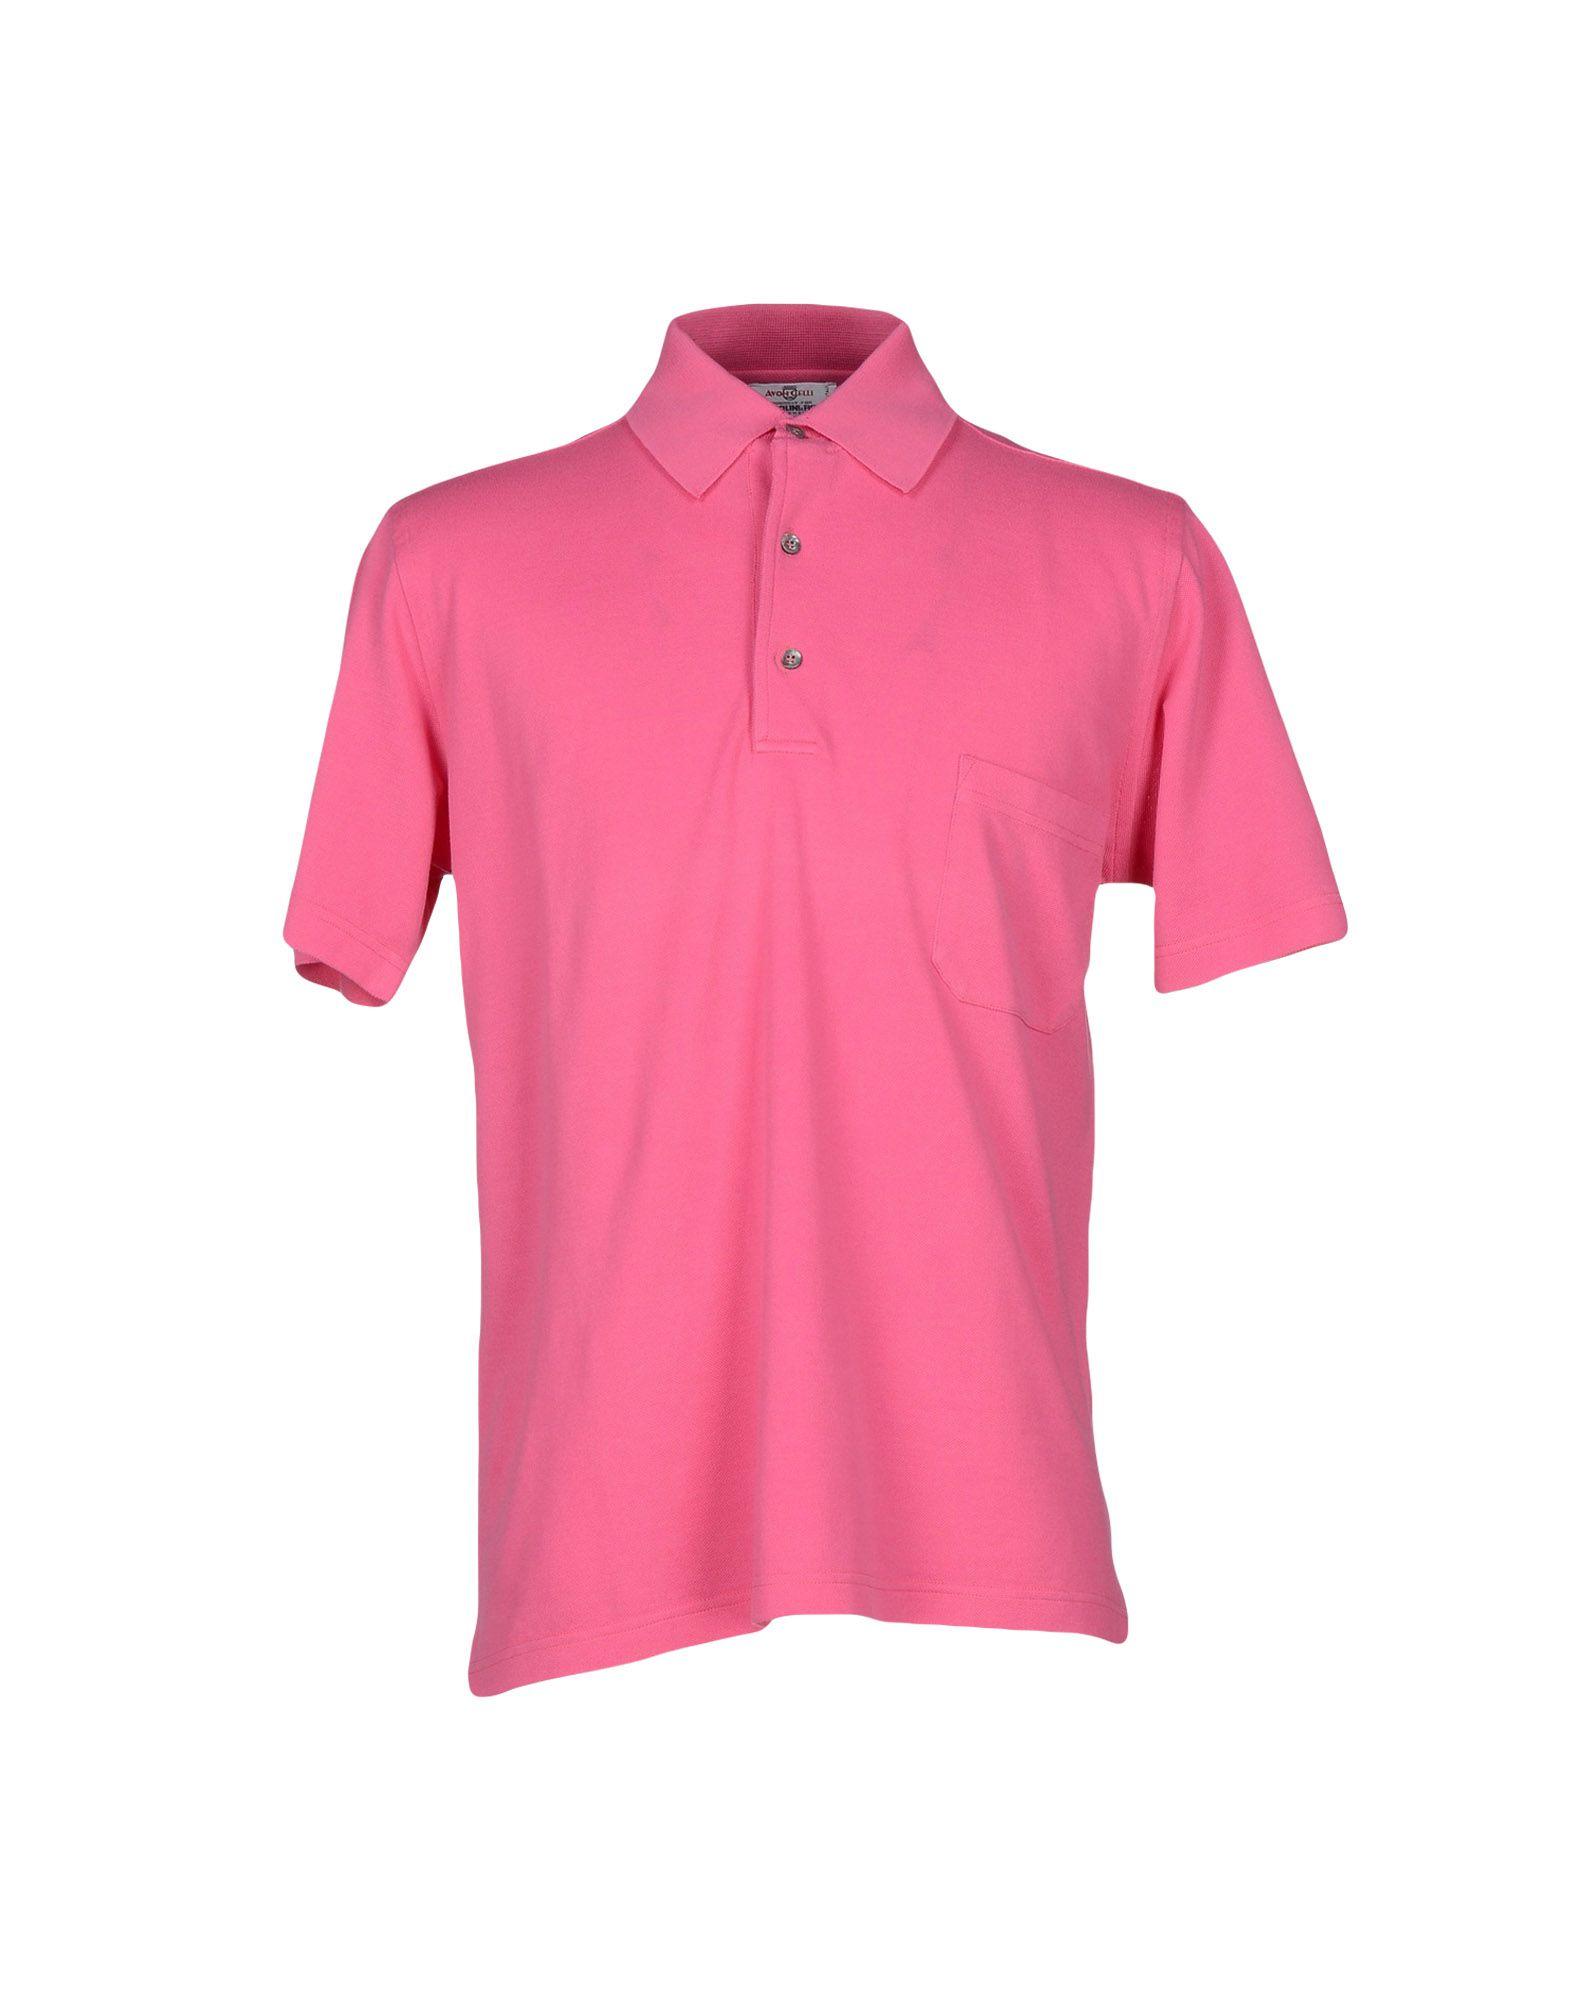 AVON CELLI 1922 Polo shirts